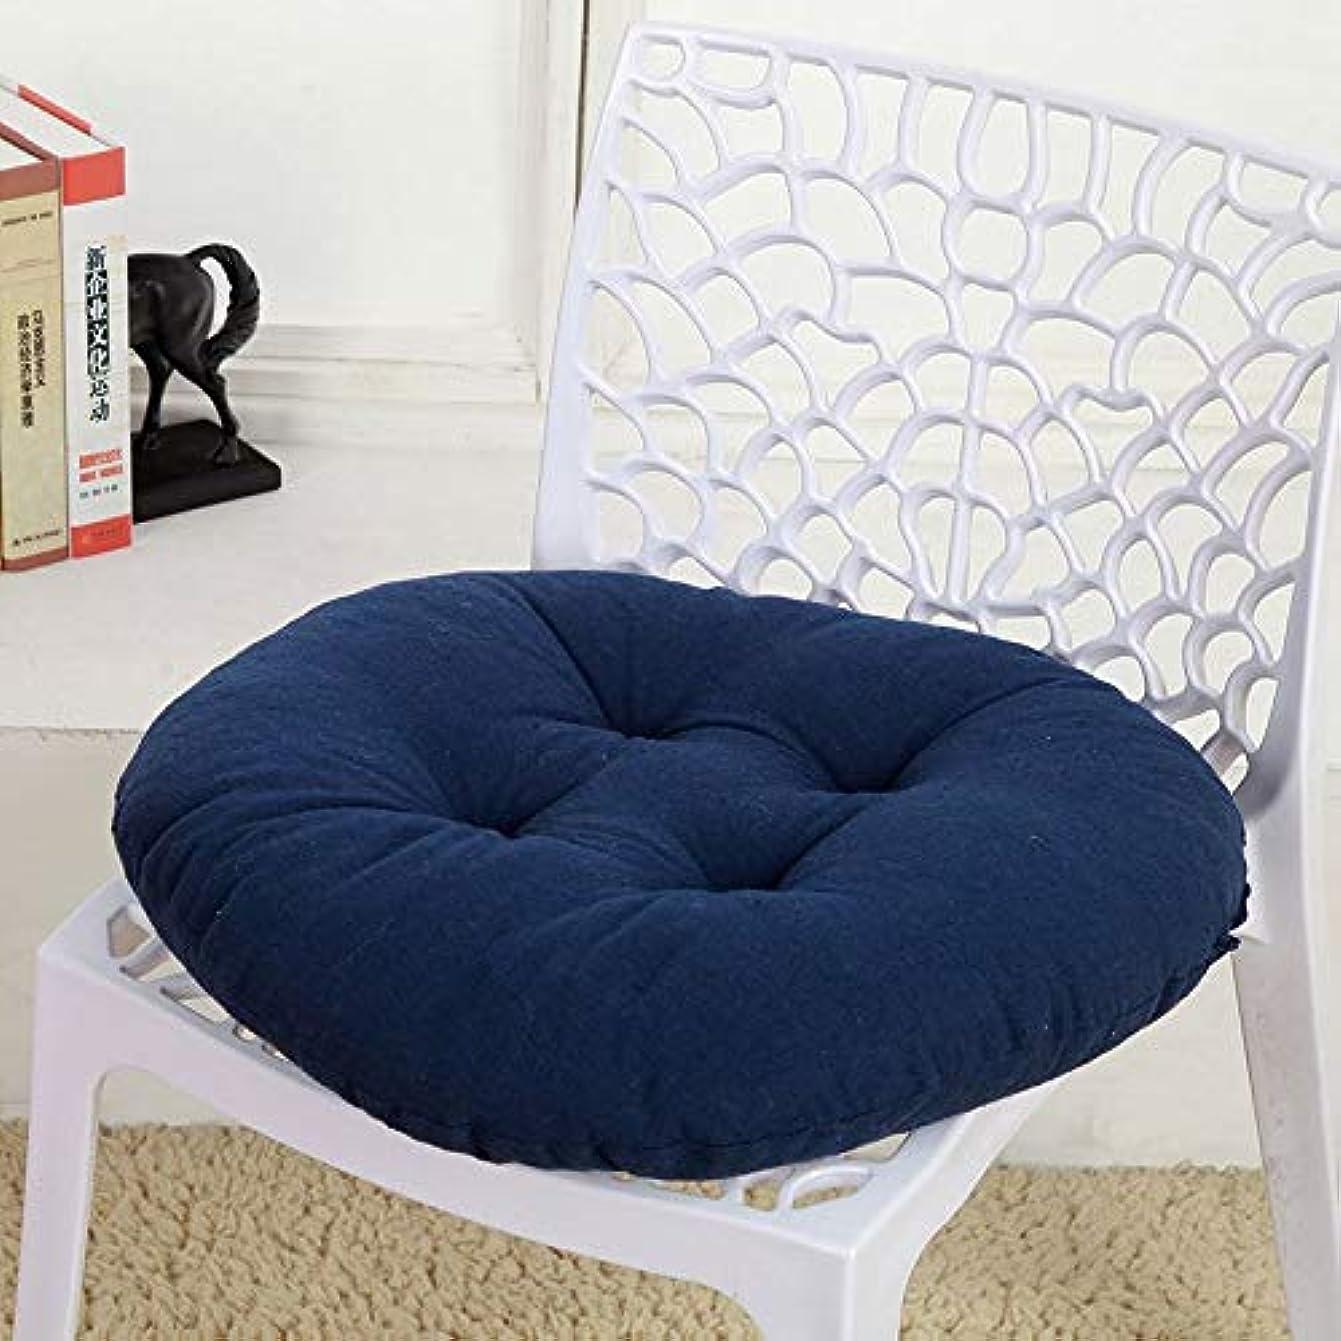 ボードむしゃむしゃ興味SMART キャンディカラーのクッションラウンドシートクッション波ウィンドウシートクッションクッション家の装飾パッドラウンド枕シート枕椅子座る枕 クッション 椅子